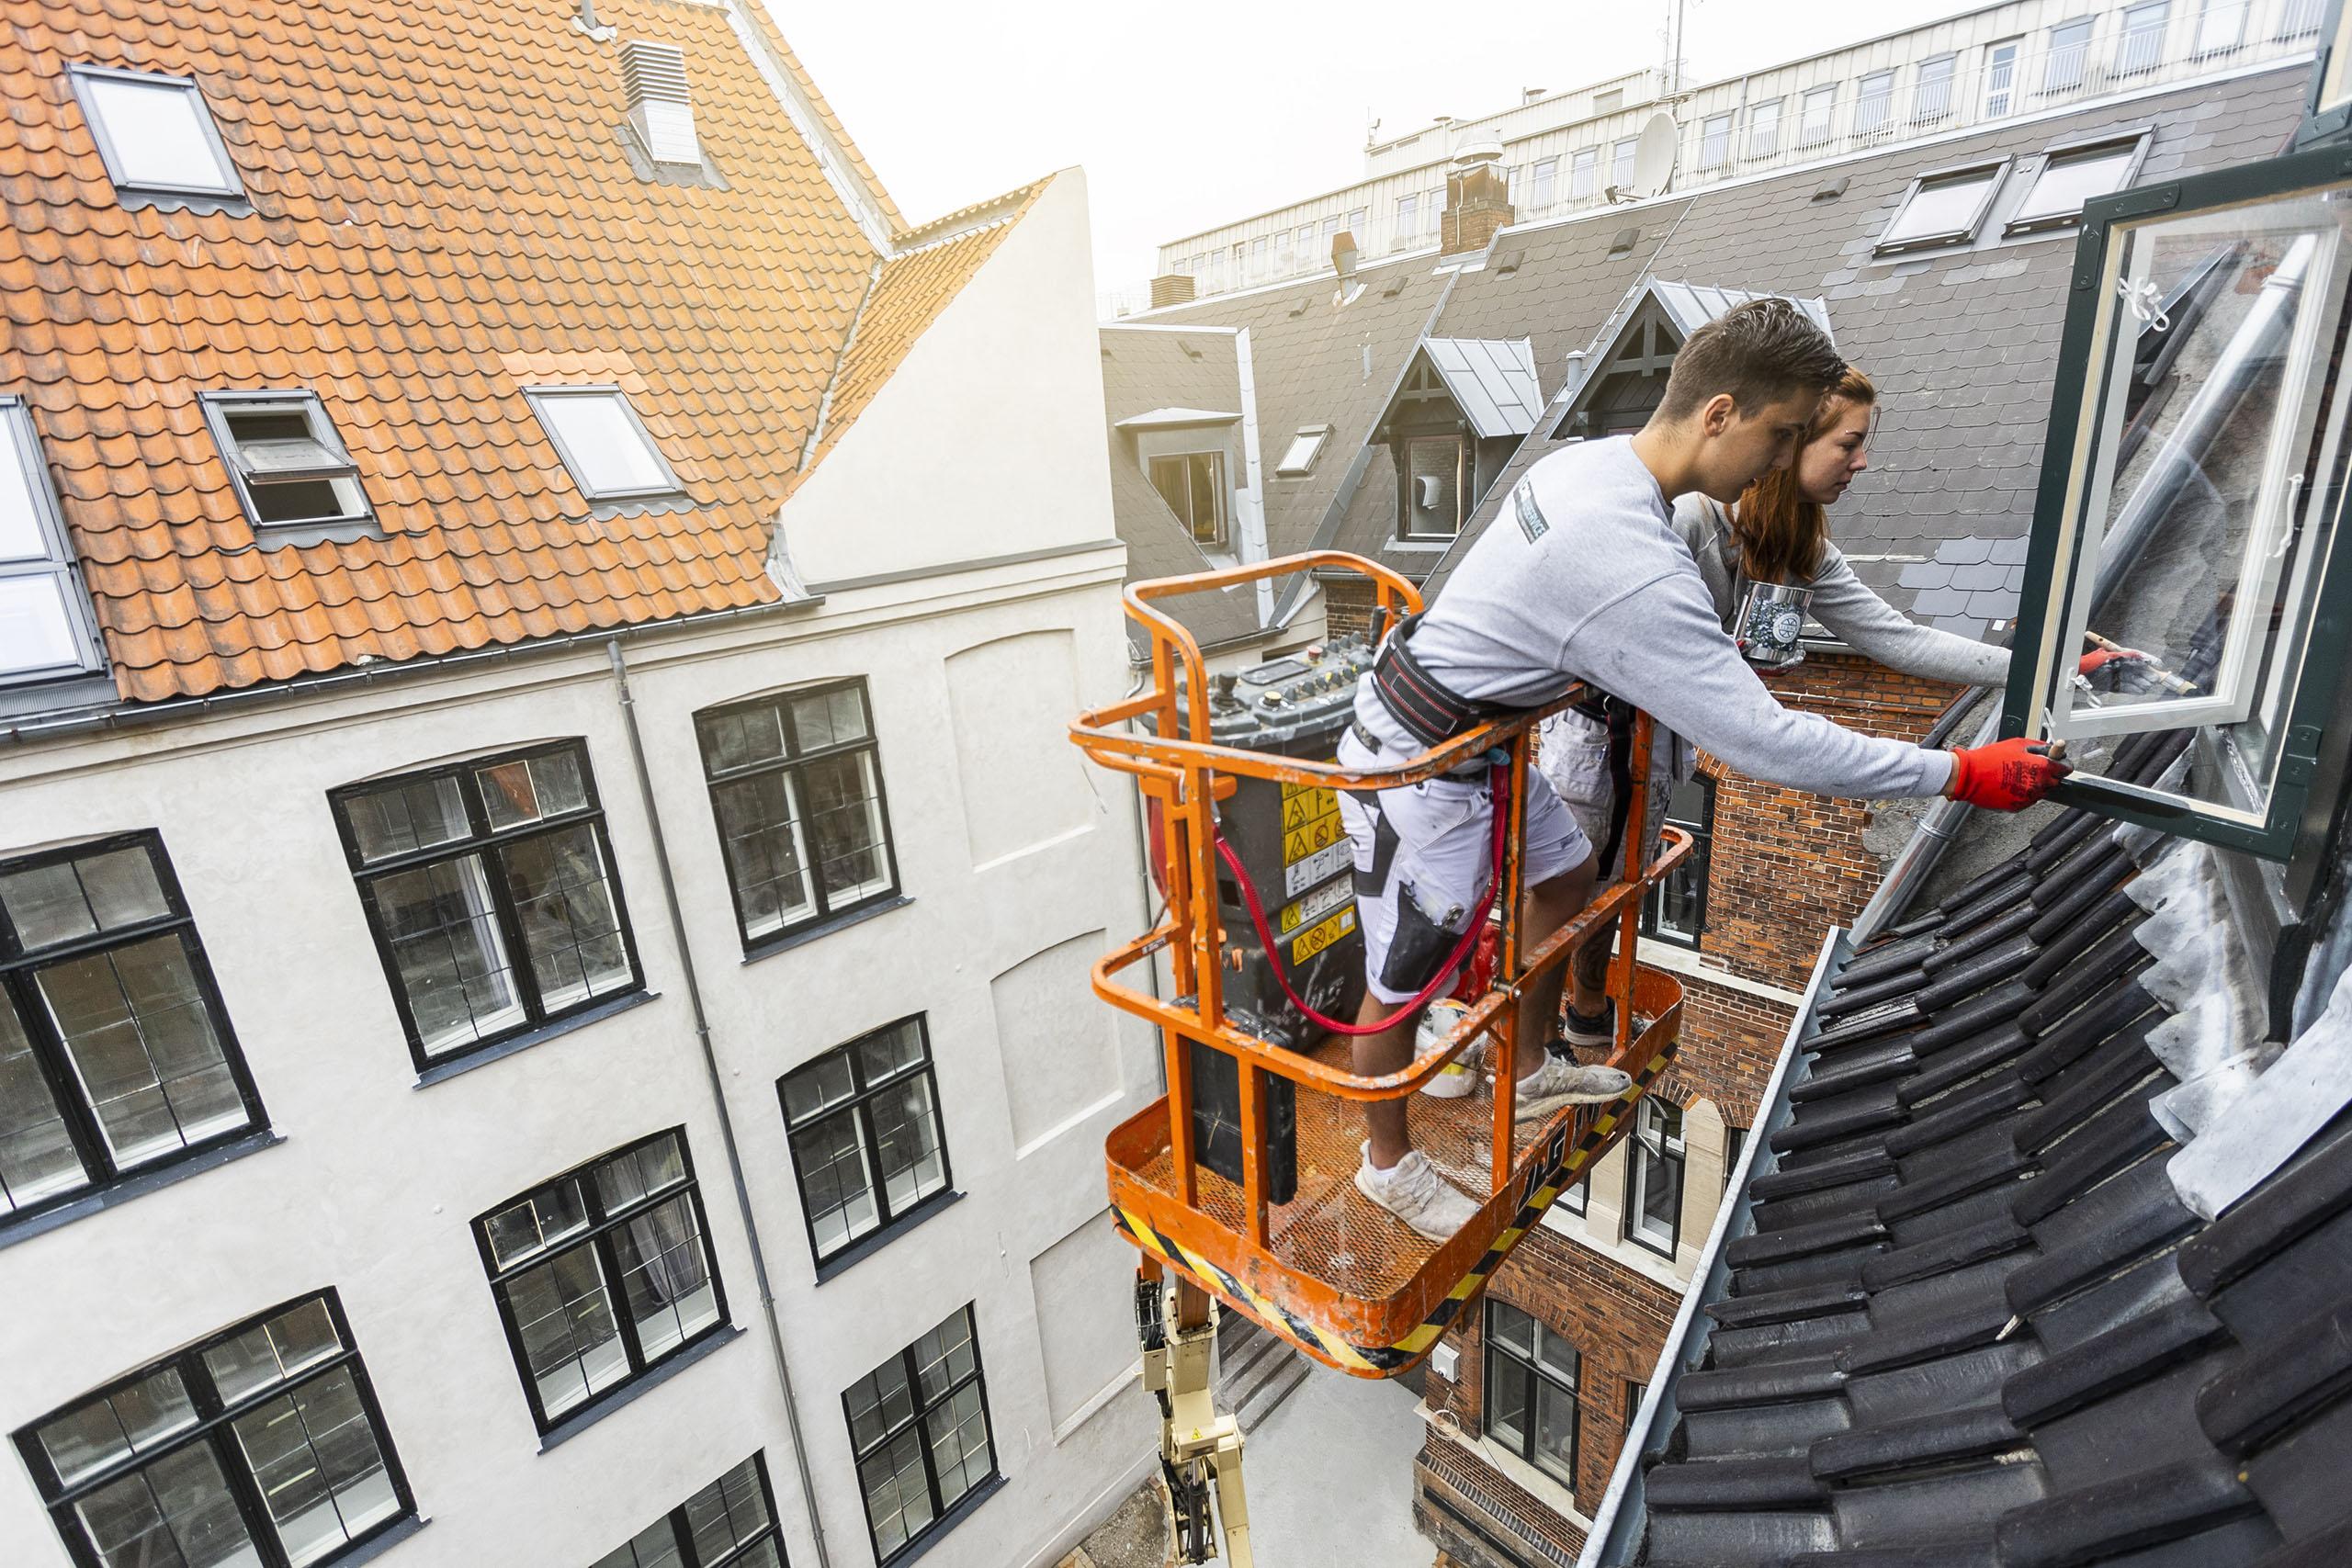 Malere står på lift og maler vindue på en lejlighed